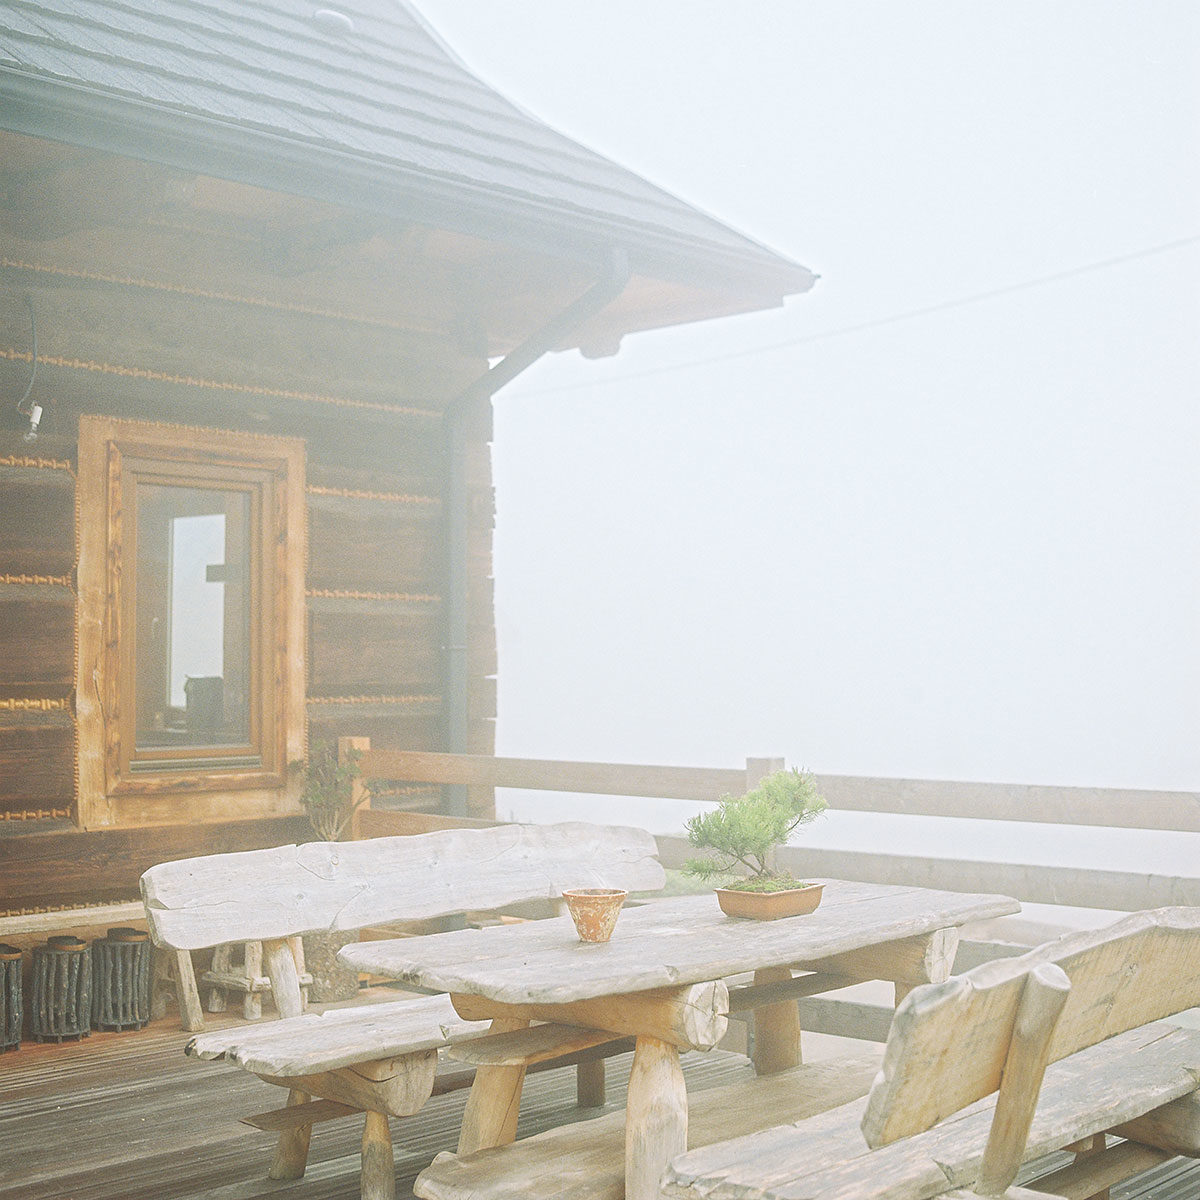 gîte de charme Datchas à Labaroche-Lodges - Photo : Christophe-Urbain